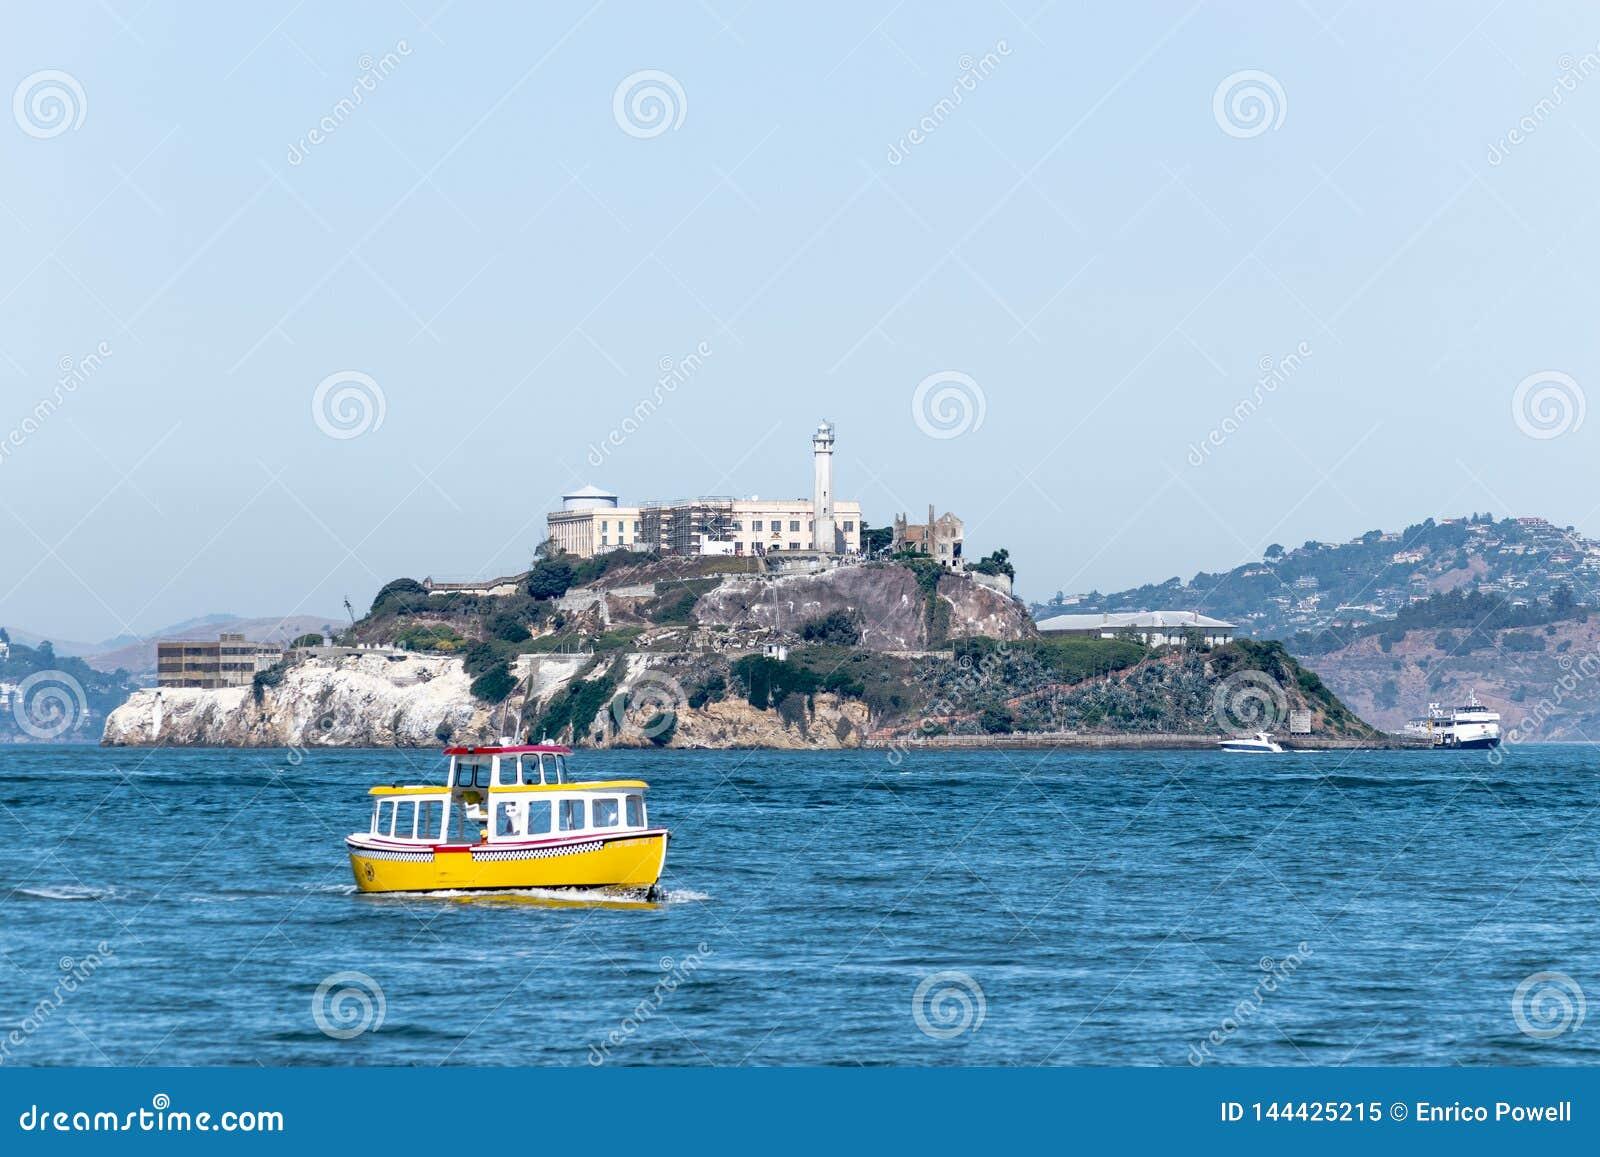 Ausflugbootsfähren, welche die berühmte Gefängnis-Insel von Alcatraz umgeben